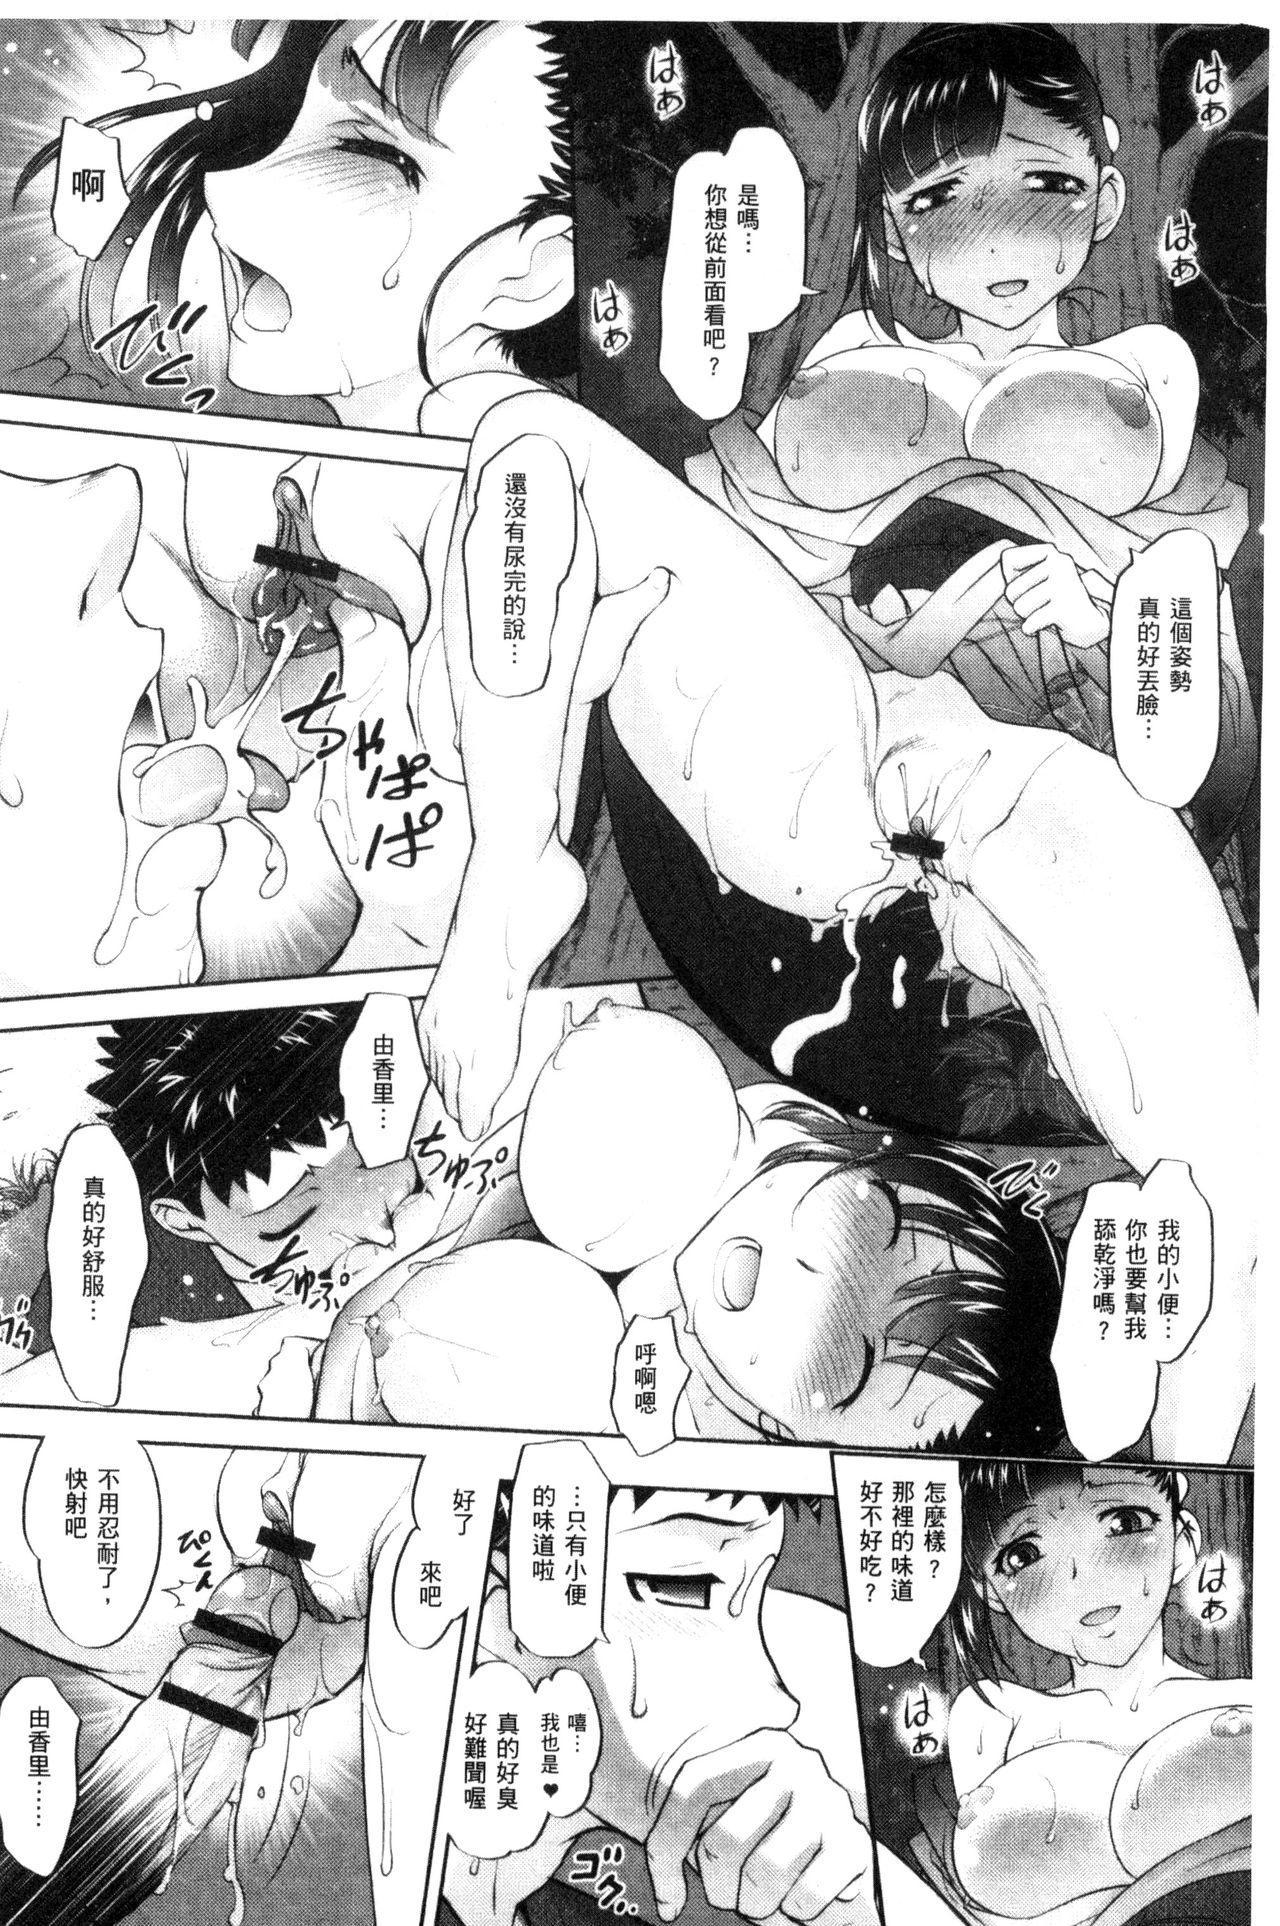 Nyotaika Ouji to Okotasare Hime 48